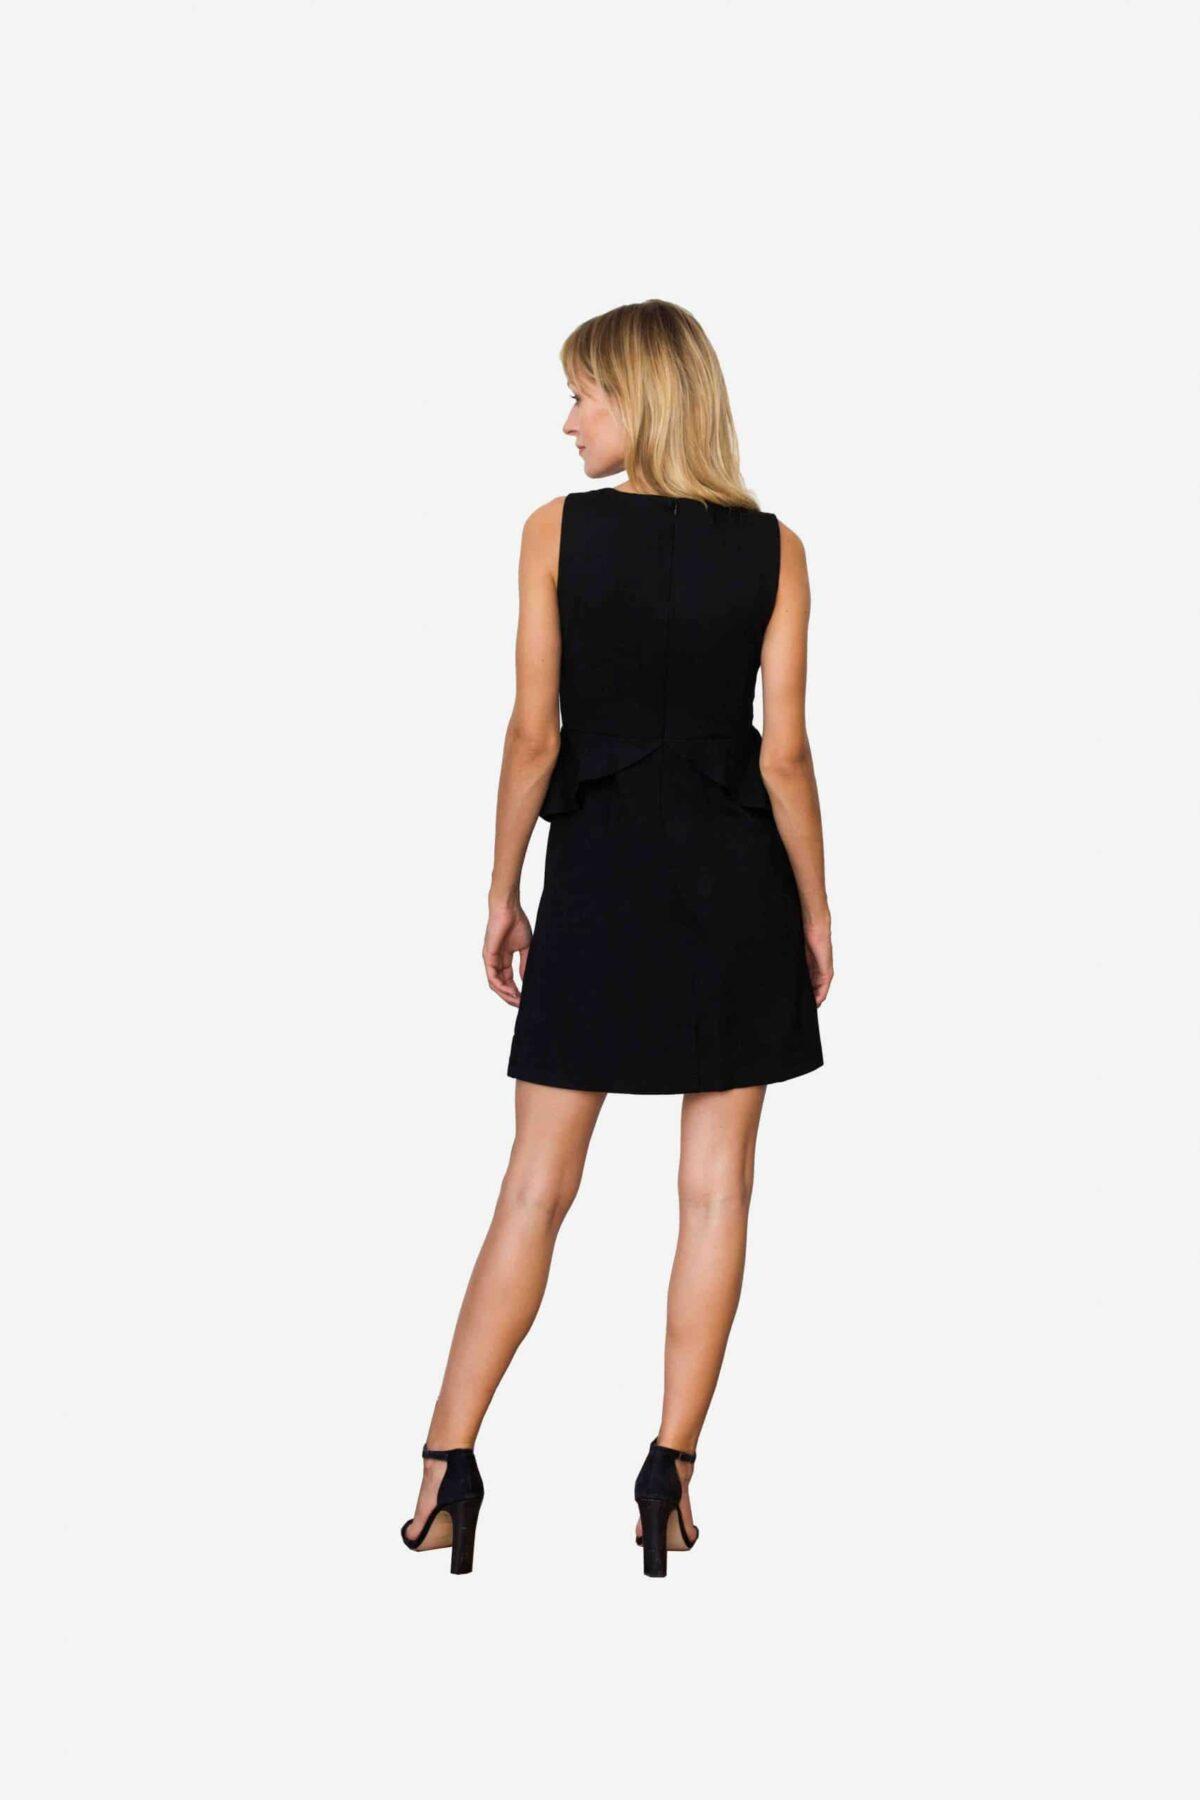 Kleid Sarah von SANOGE. Elegantes Kleid aus schwarzem Premium Jersey. Das Kleine Schwarze in neuer Interpretation. Made in Germany.